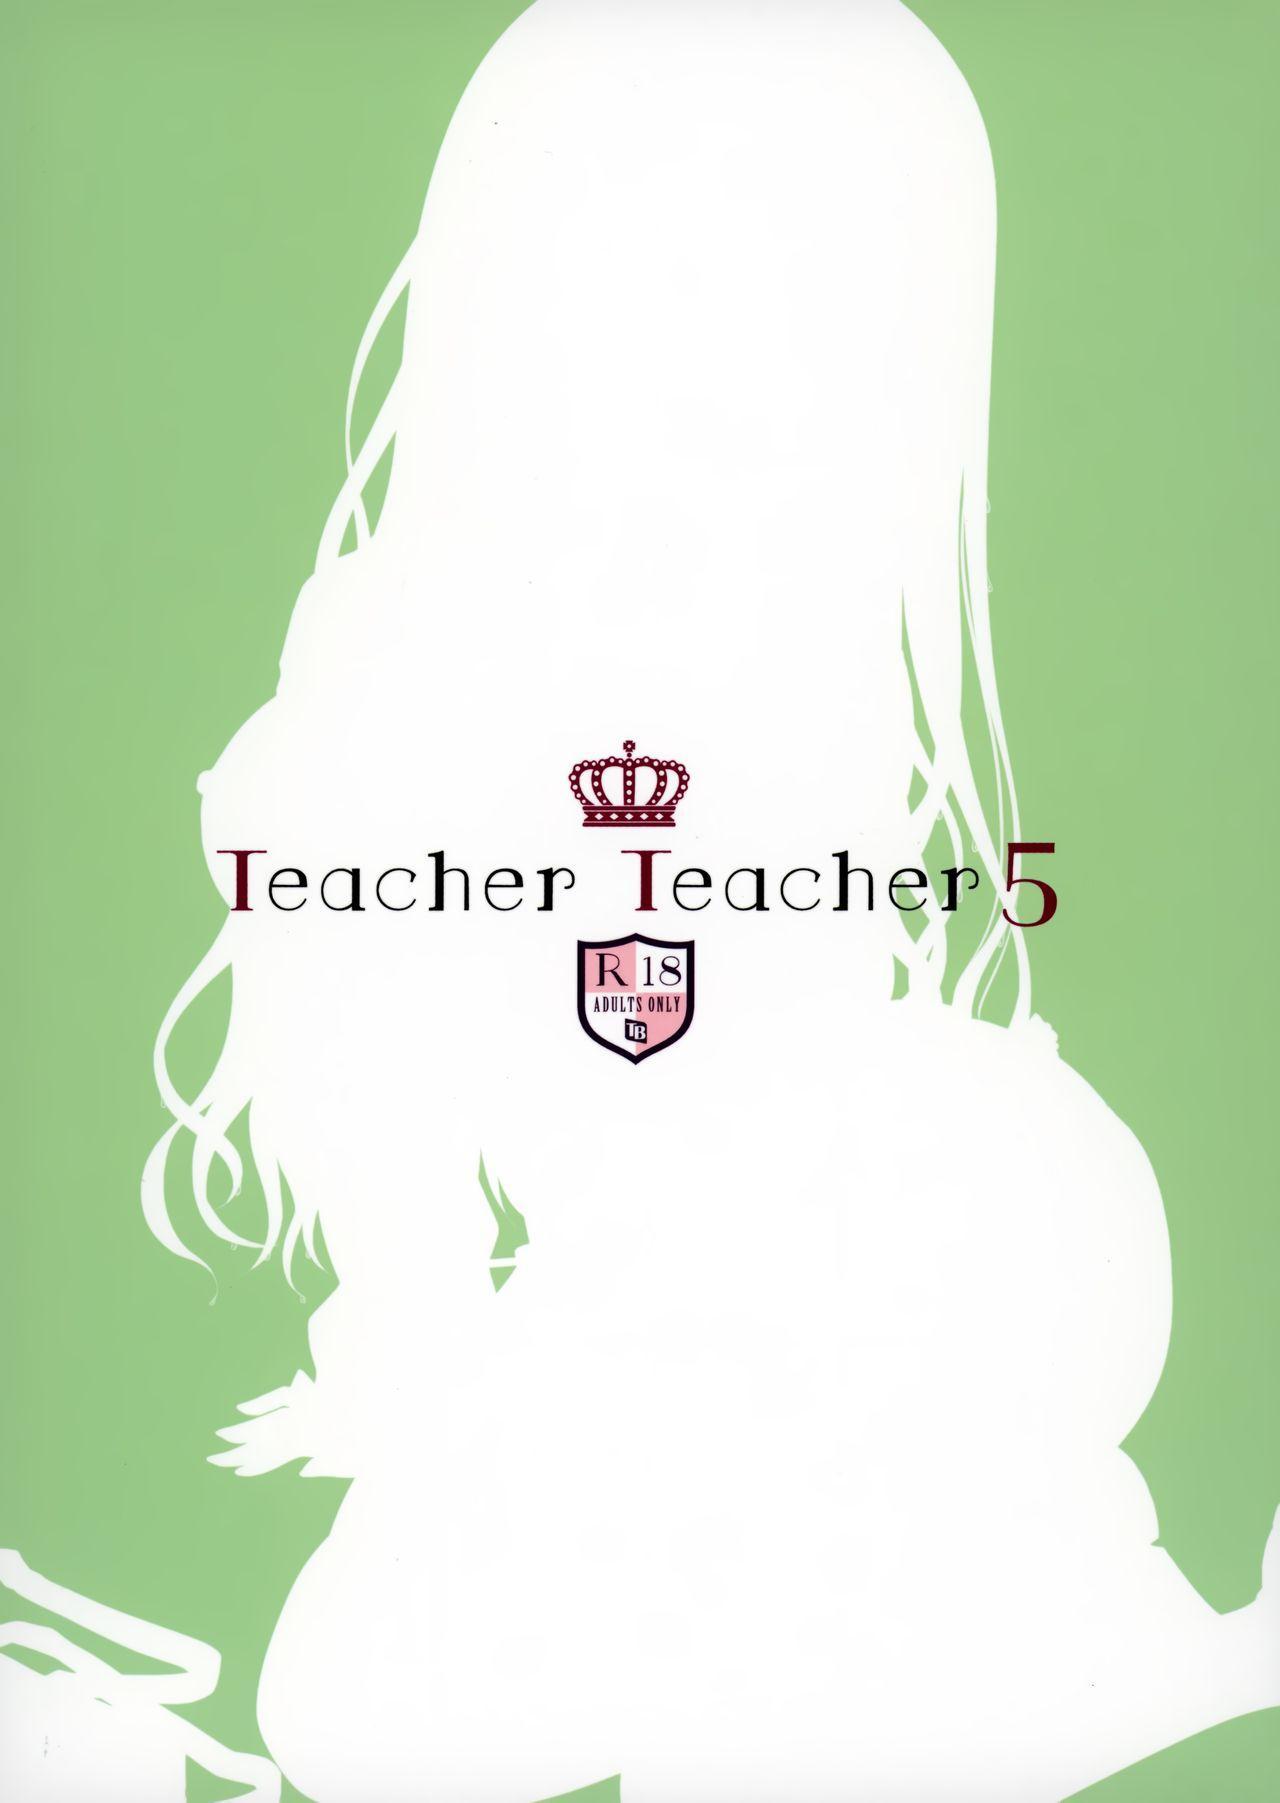 Teacher Teacher 5 17